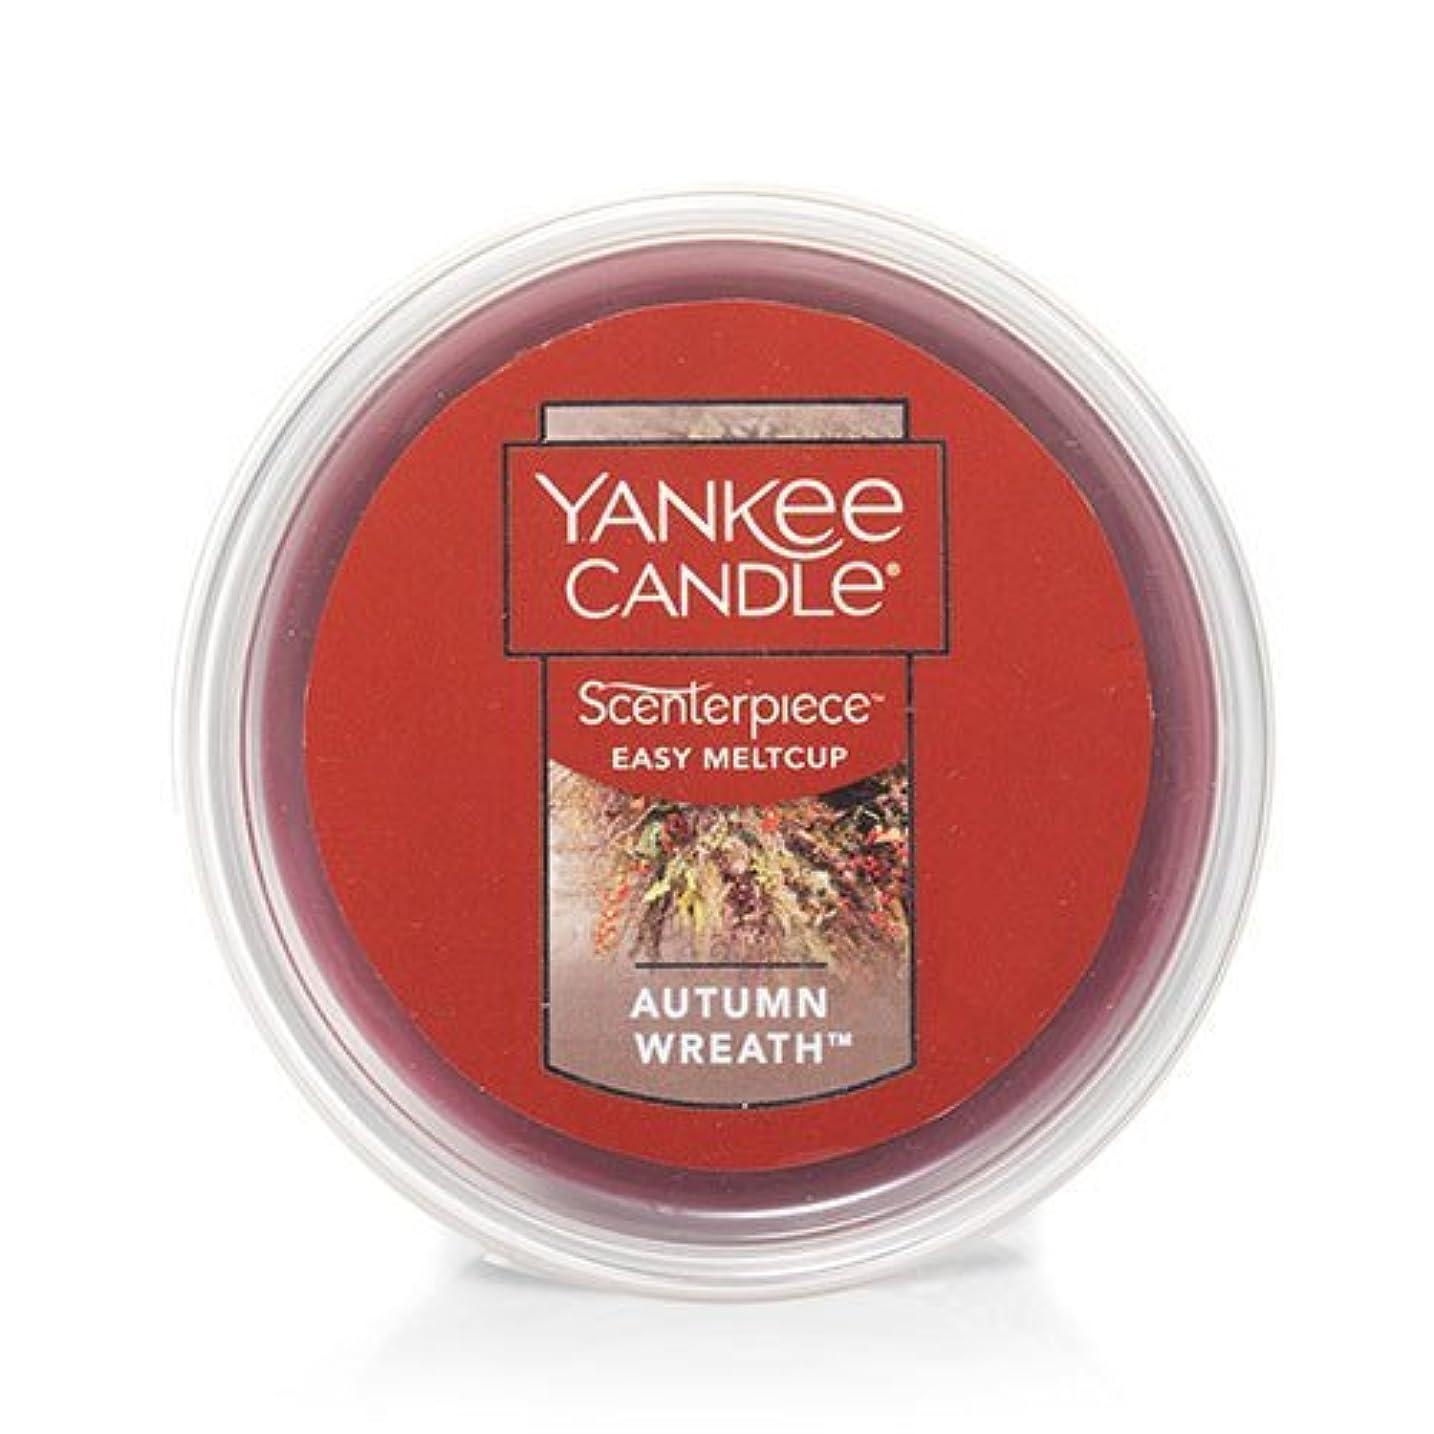 画面予言する乏しいYankee Candle Autumn Wreath Scenterpiece Easy MeltCup , Food & Spice香り2.2 Oz